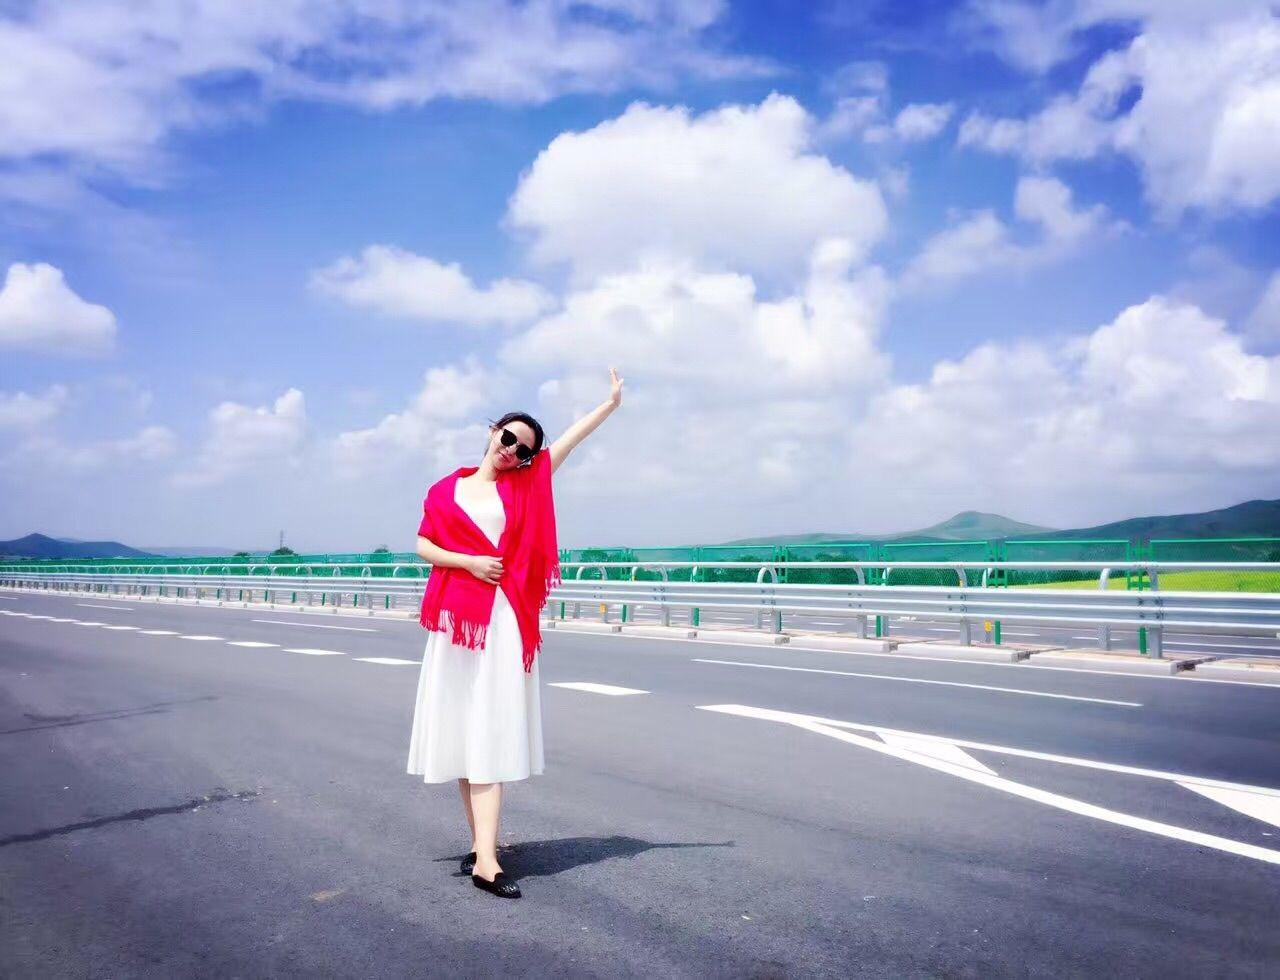 北京周边看一看丰宁坝上草原大汗行宫